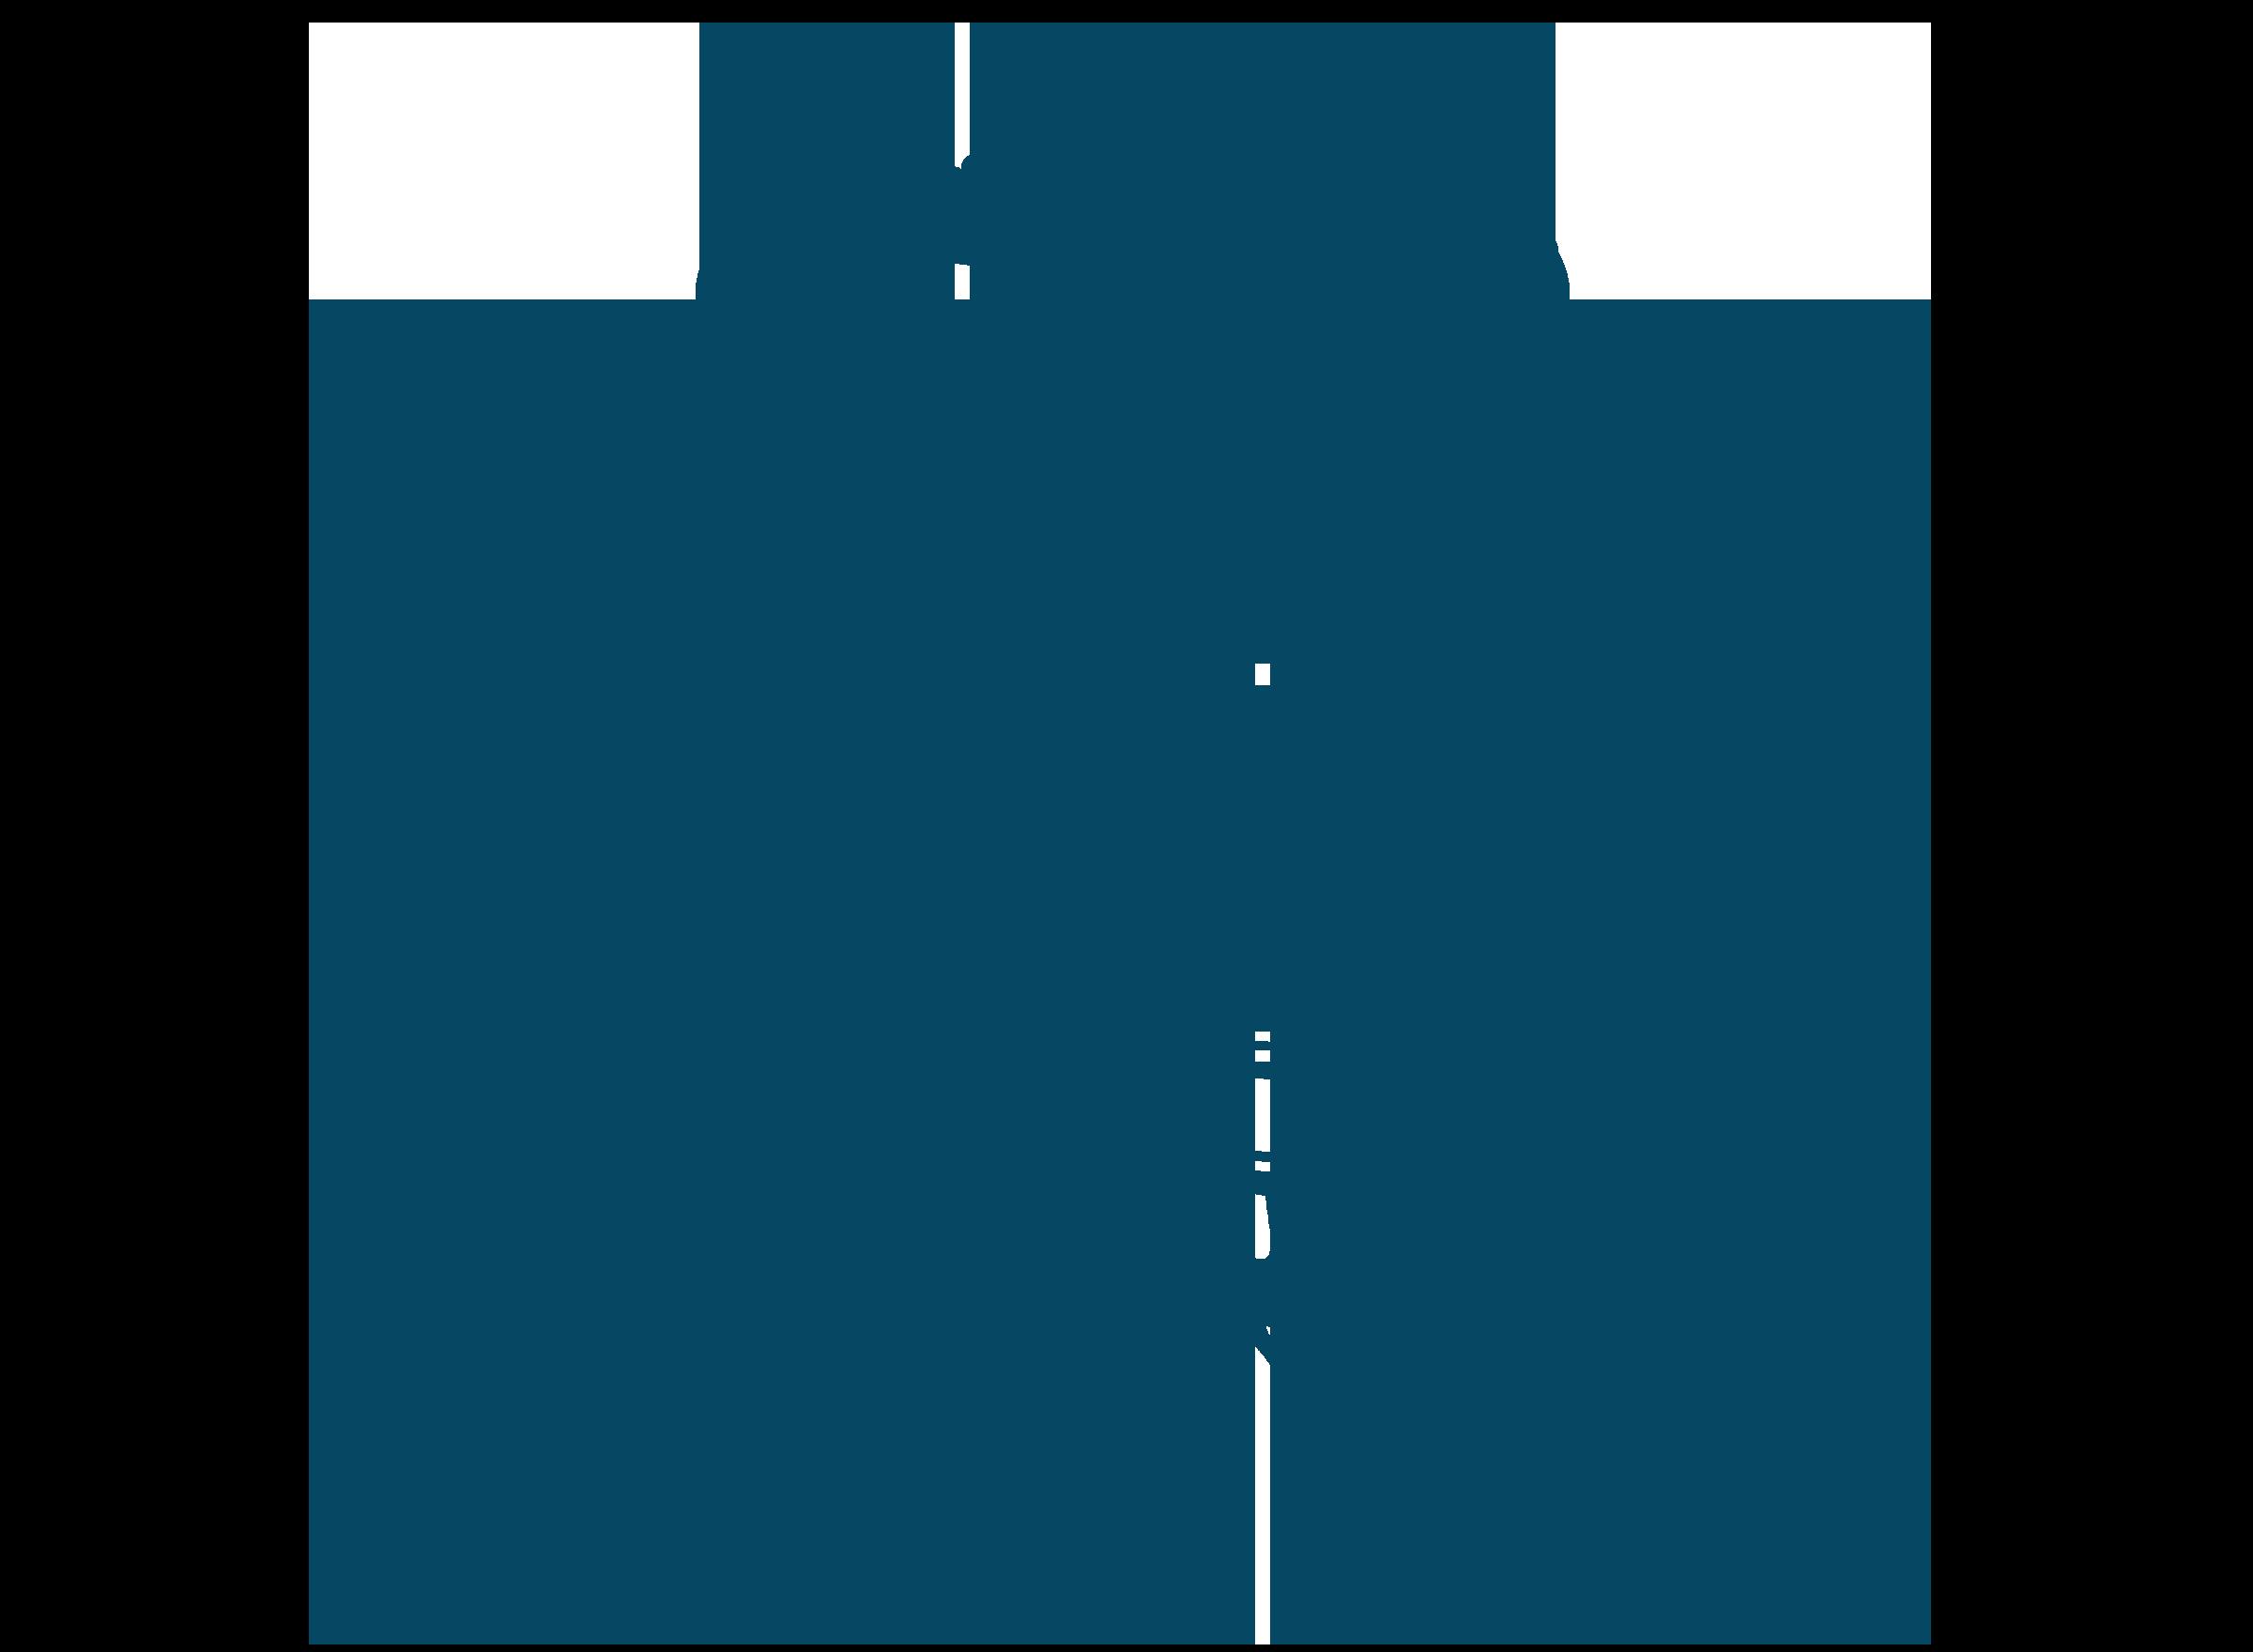 Clipart castle royal castle. About us